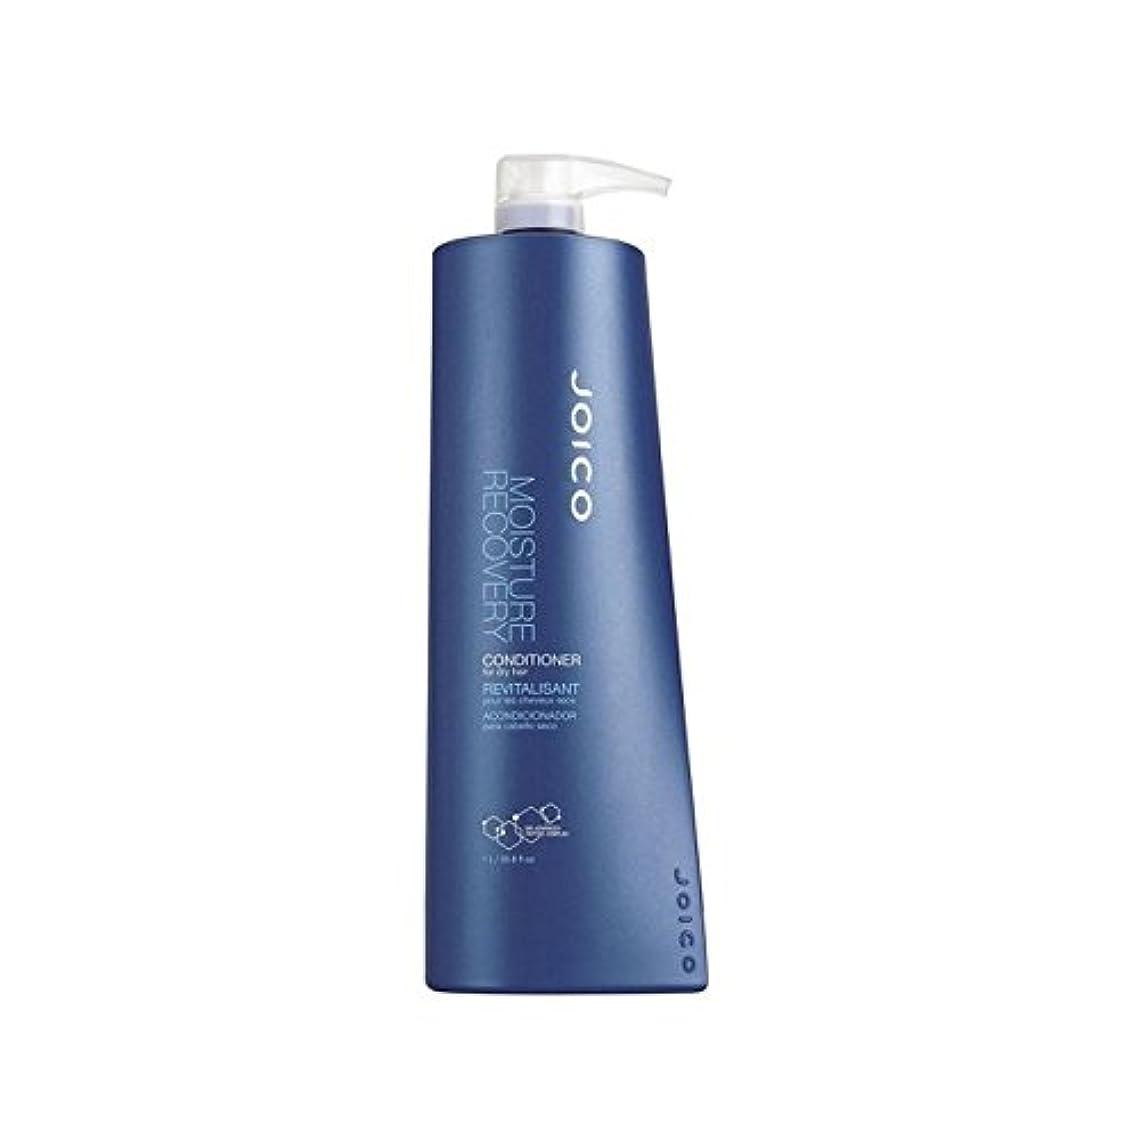 を必要としています飾り羽白内障乾いた髪用ジョイコ水分回復コンディショナー(千ミリリットル) x4 - Joico Moisture Recovery Conditioner For Dry Hair (1000ml) (Pack of 4) [並行輸入品]